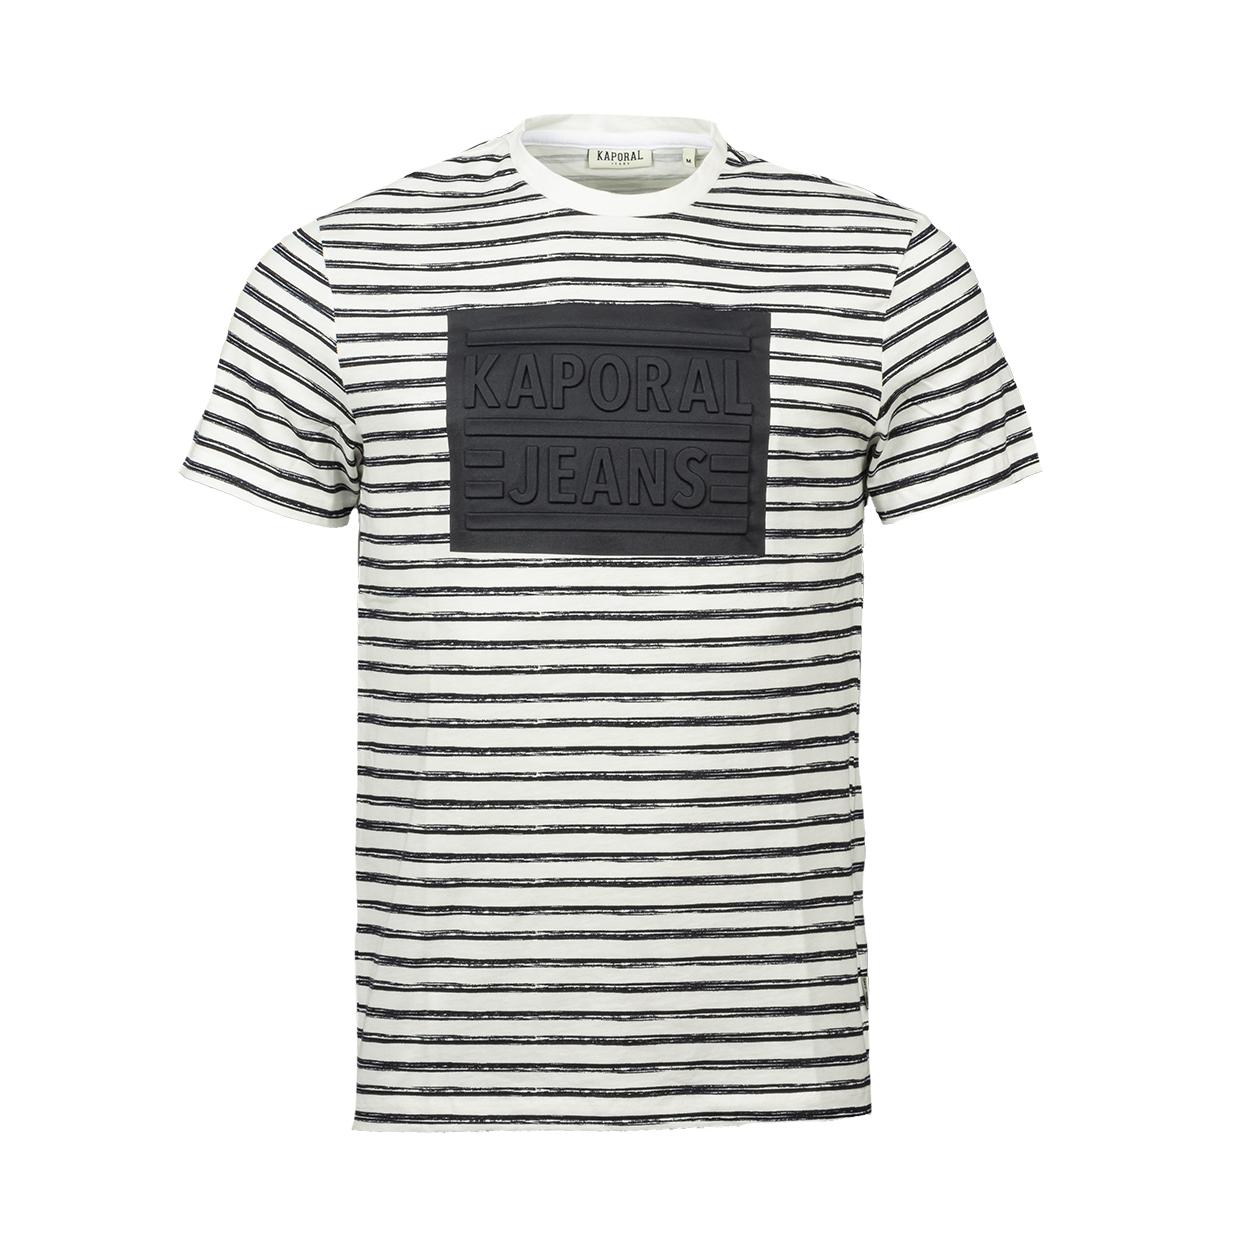 Tee-shirt marinière col rond Kaporal en coton blanc et noir floqué noir